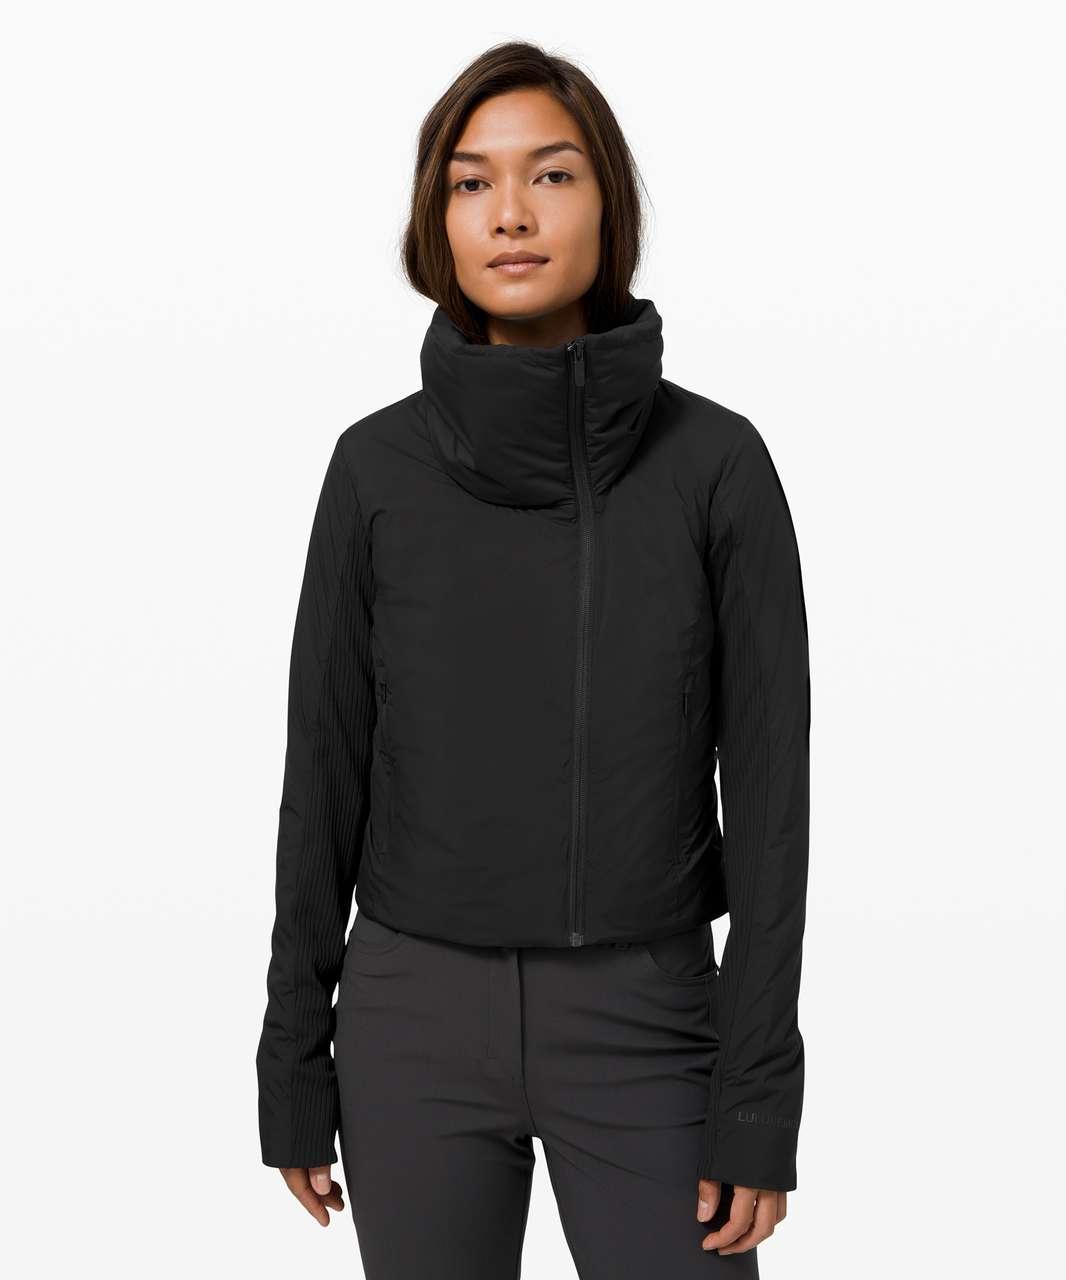 Lululemon Sleek City Jacket - Black